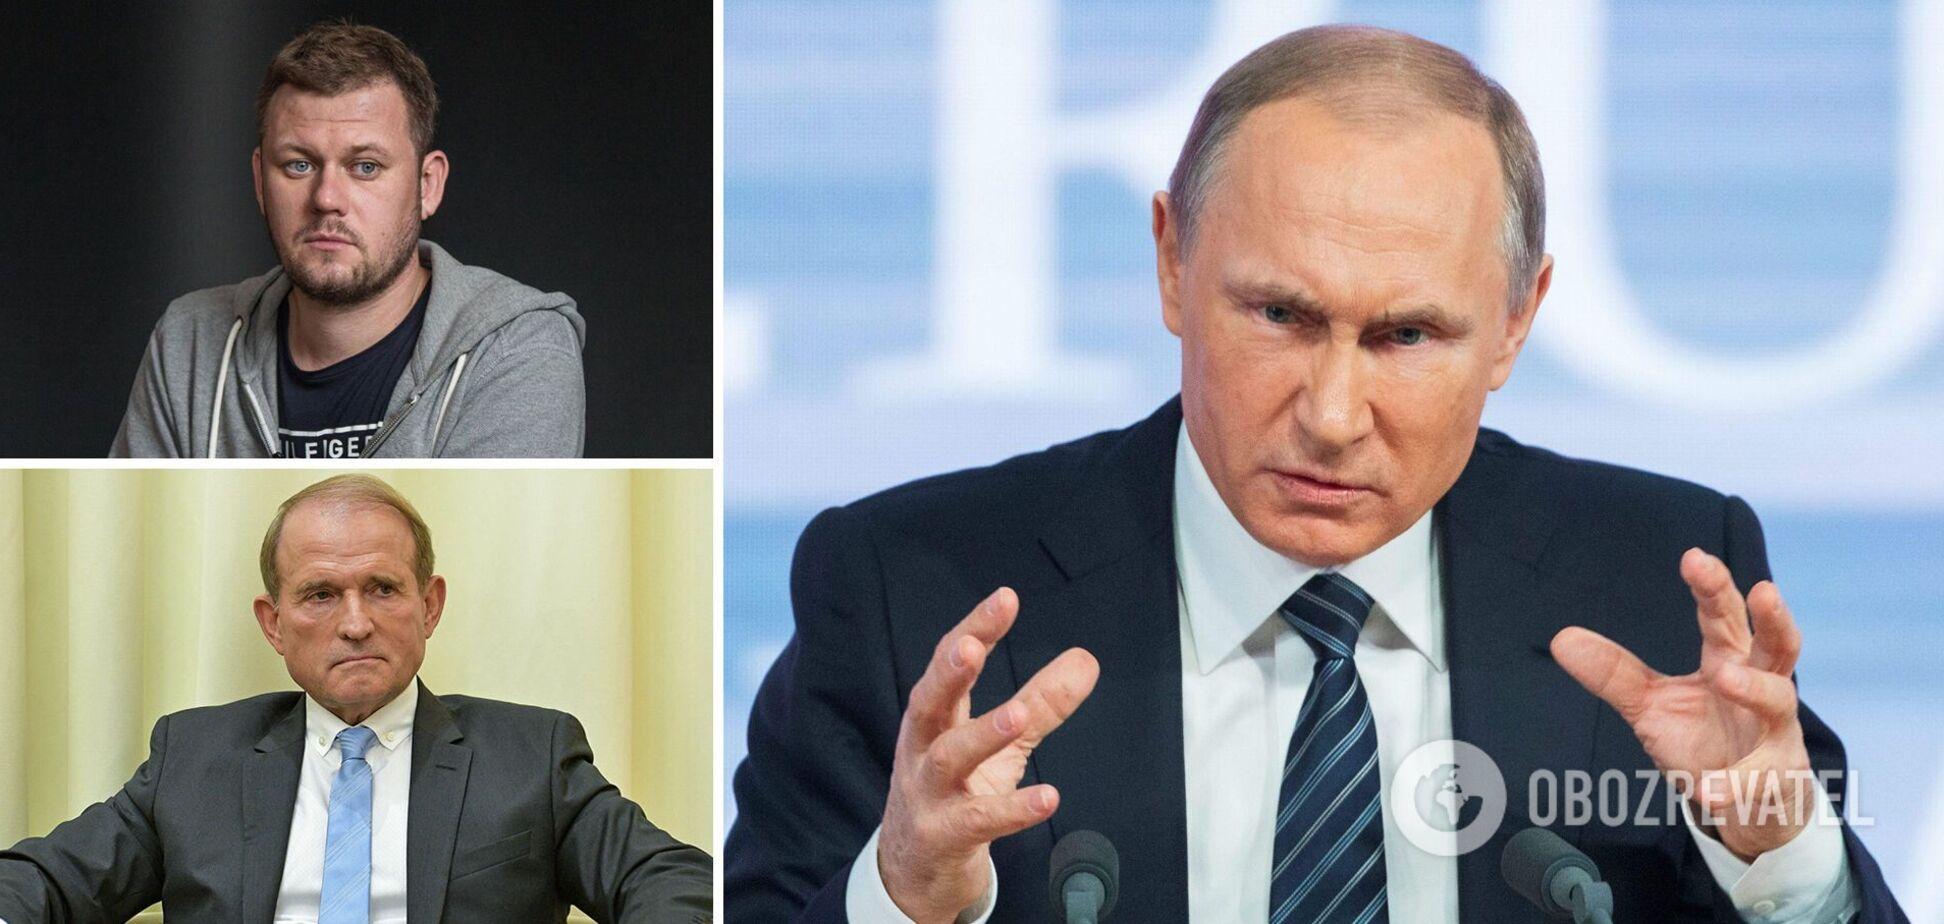 Казанський: Путін мстить Україні за Медведчука і буде кидати в бій 'дешеве гарматне м'ясо'